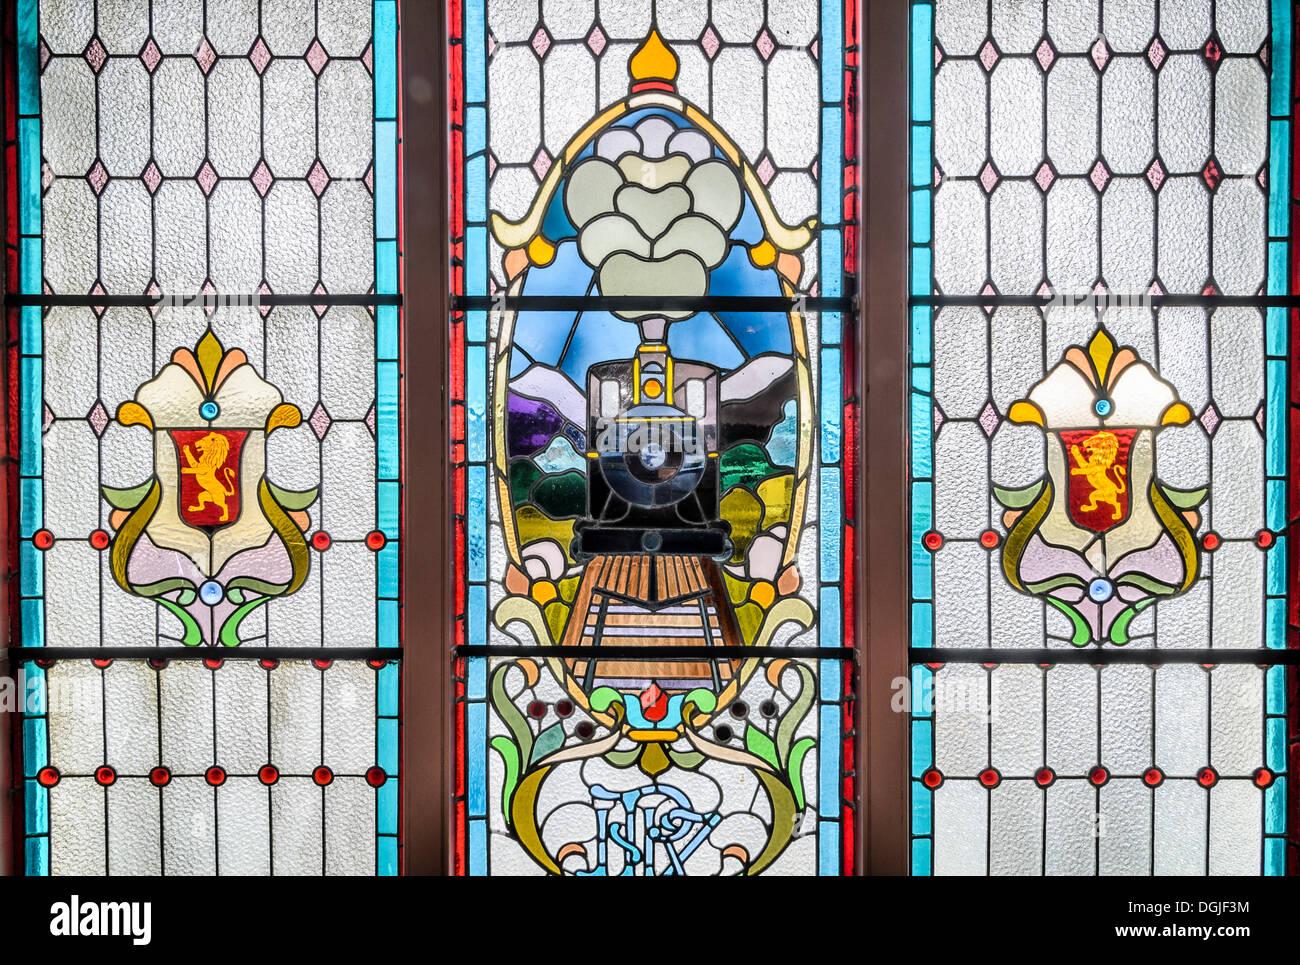 Los vitrales, la histórica estación de tren de Dunedin, Dunedin (Isla del Sur, Nueva Zelanda, Oceanía Imagen De Stock